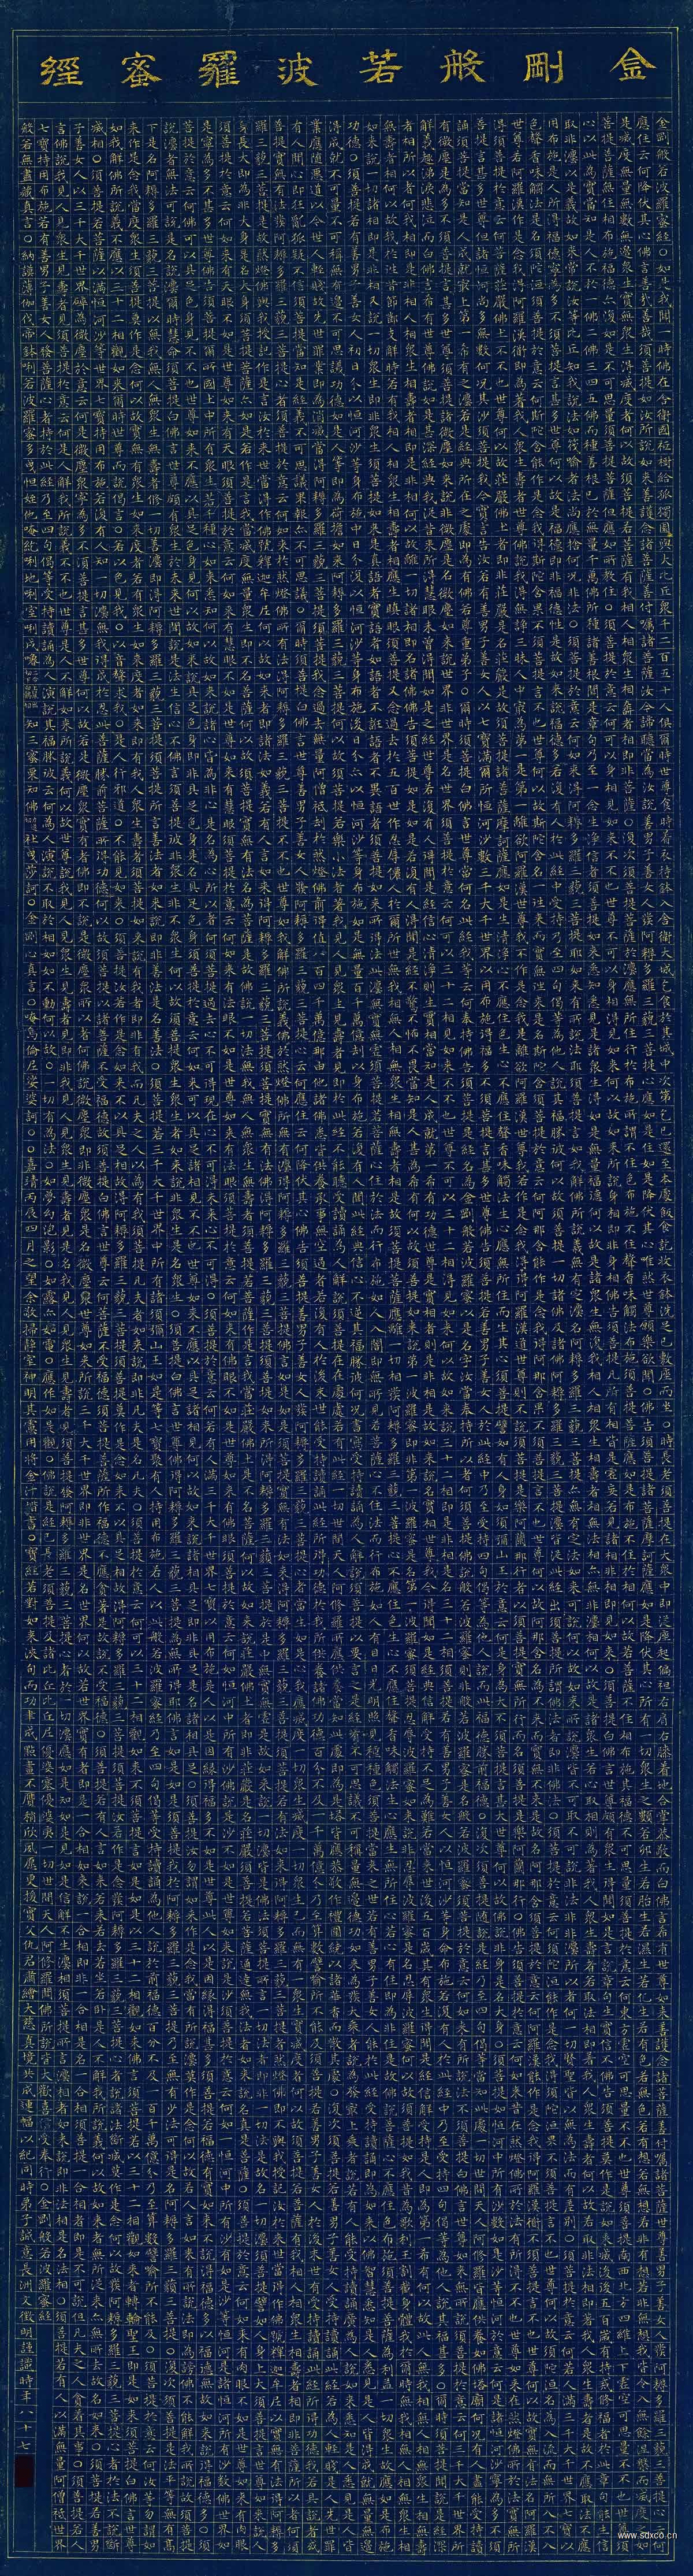 辽125-明 文徵明 小楷泥金波罗密多金刚经